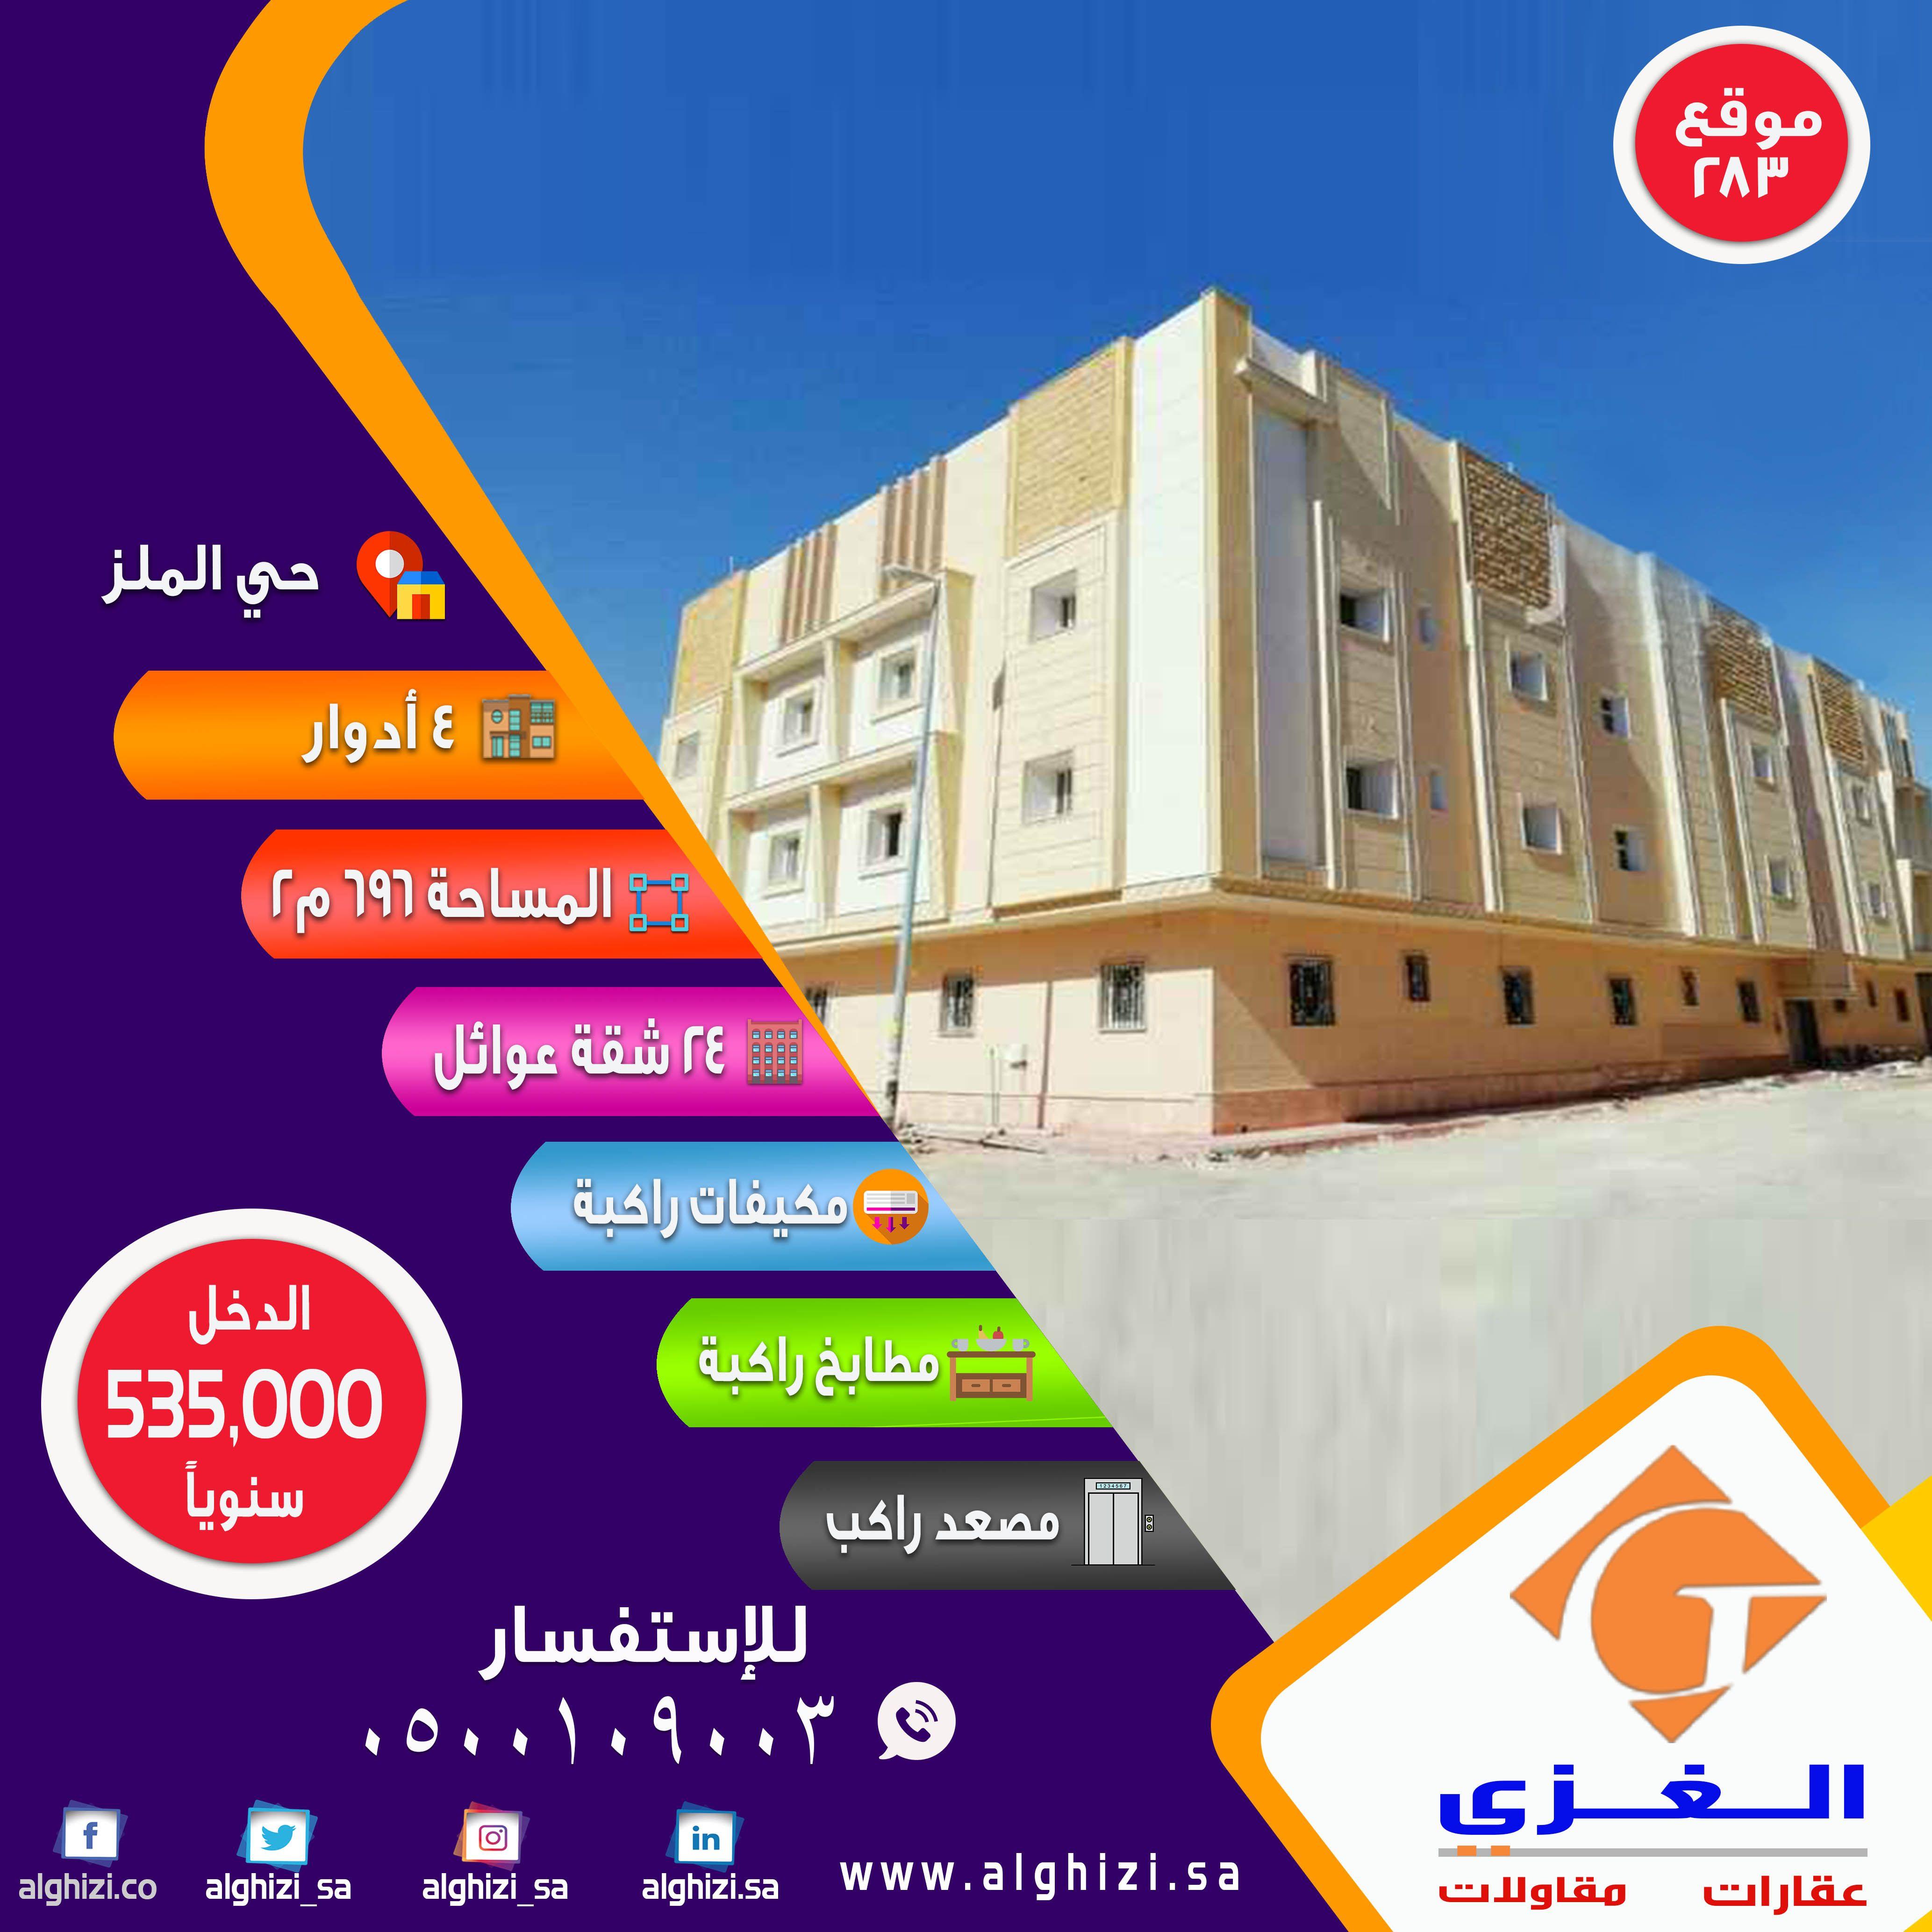 3758f93d49434 فرصة استثمارية رائعة بدخل سنوي مميز للبيع عمارة سكنية بحي الملز - جنوب شارع  الجامعة موقع